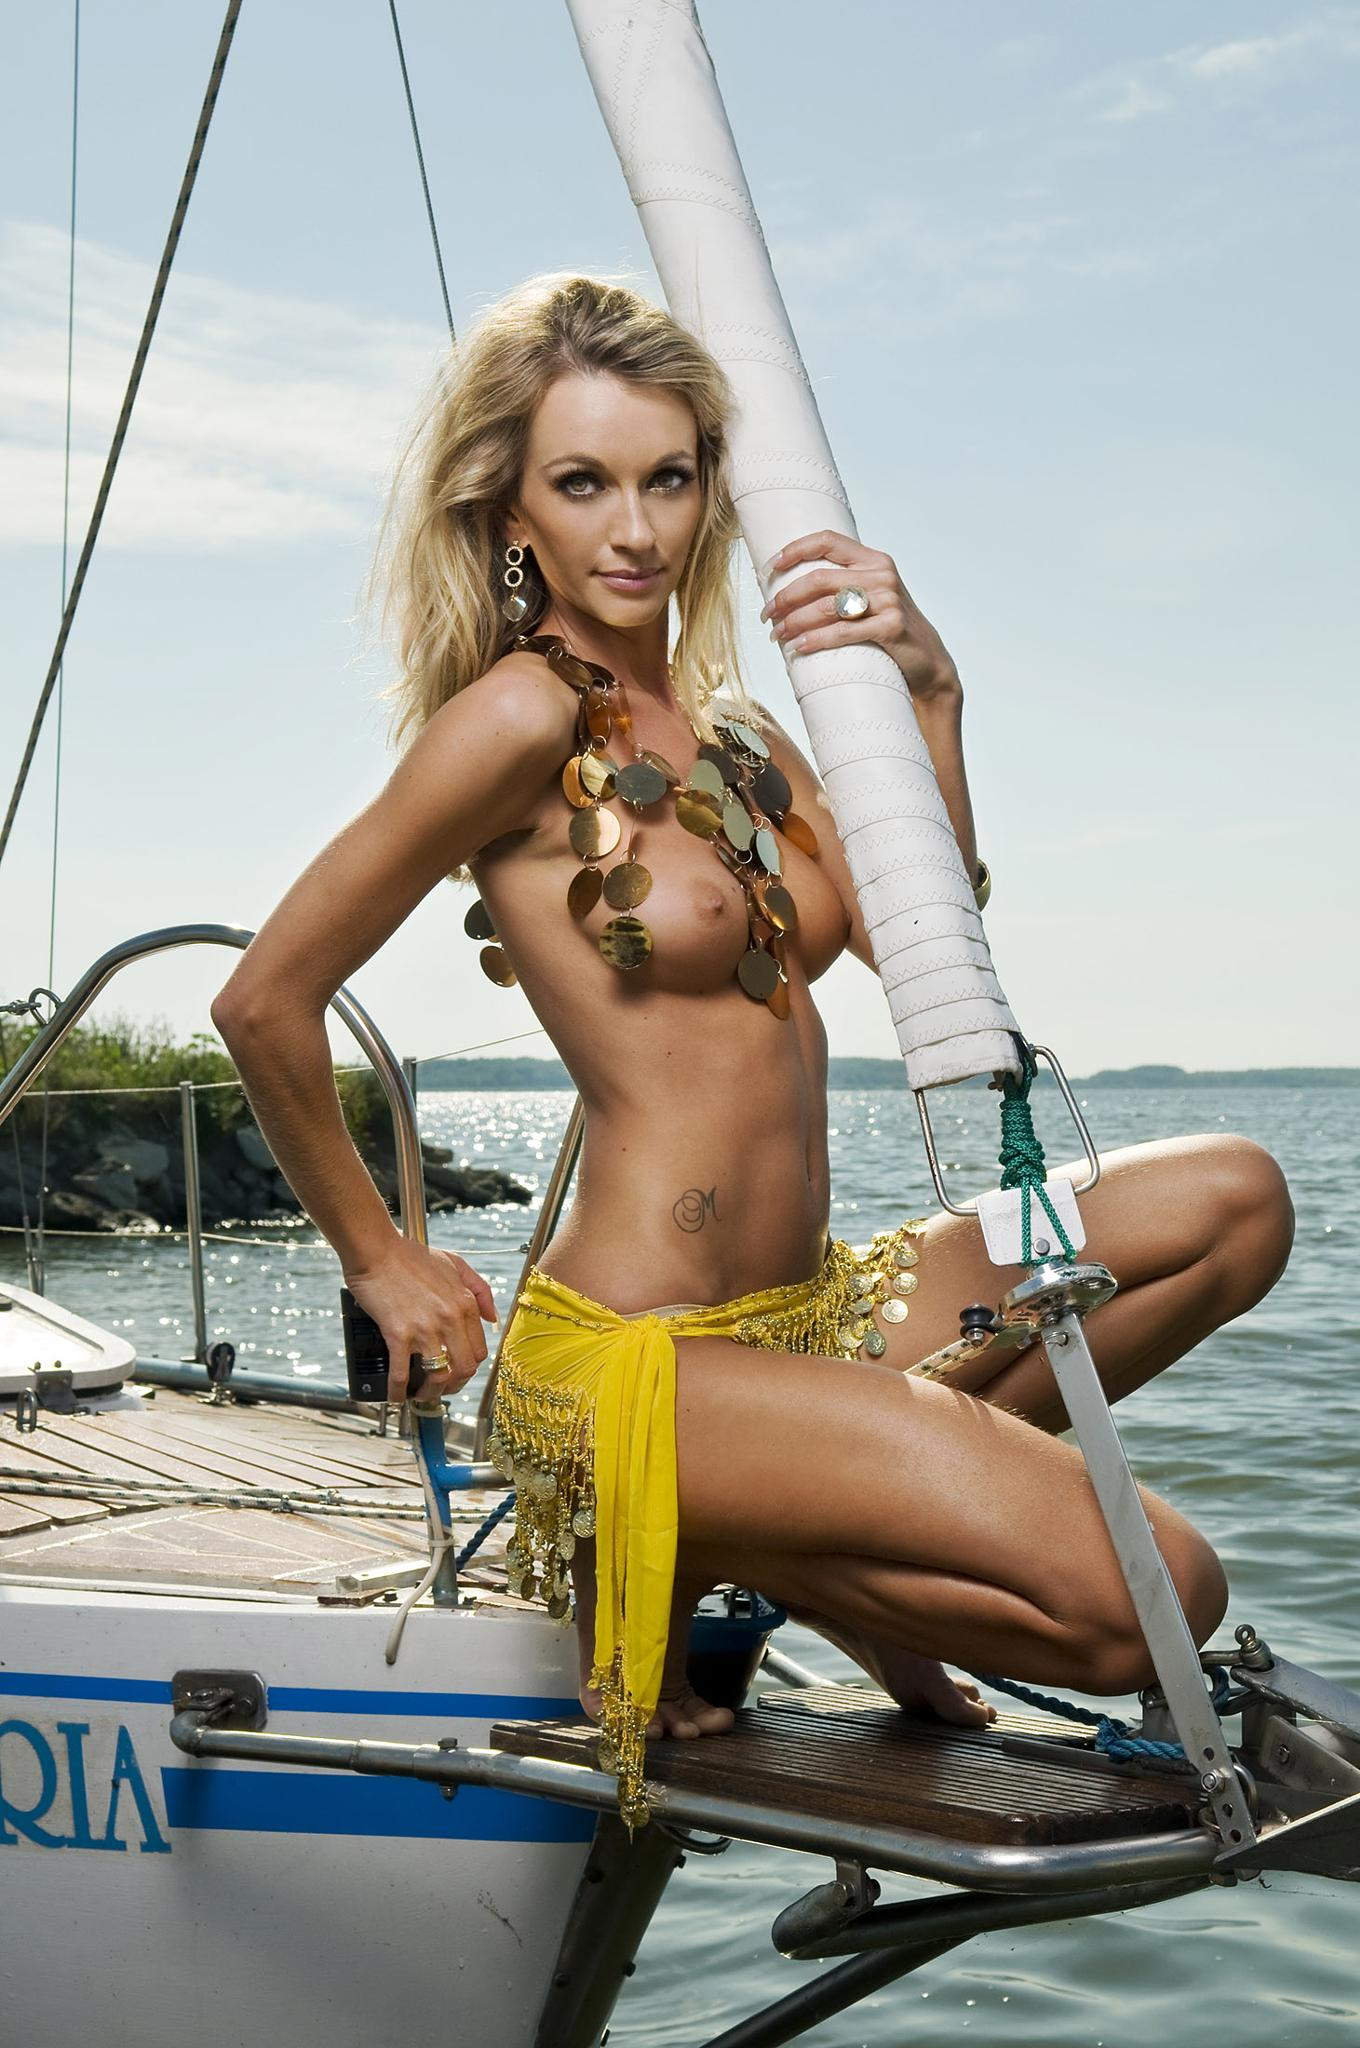 Yacht club by Marian Pentek - Digihelion